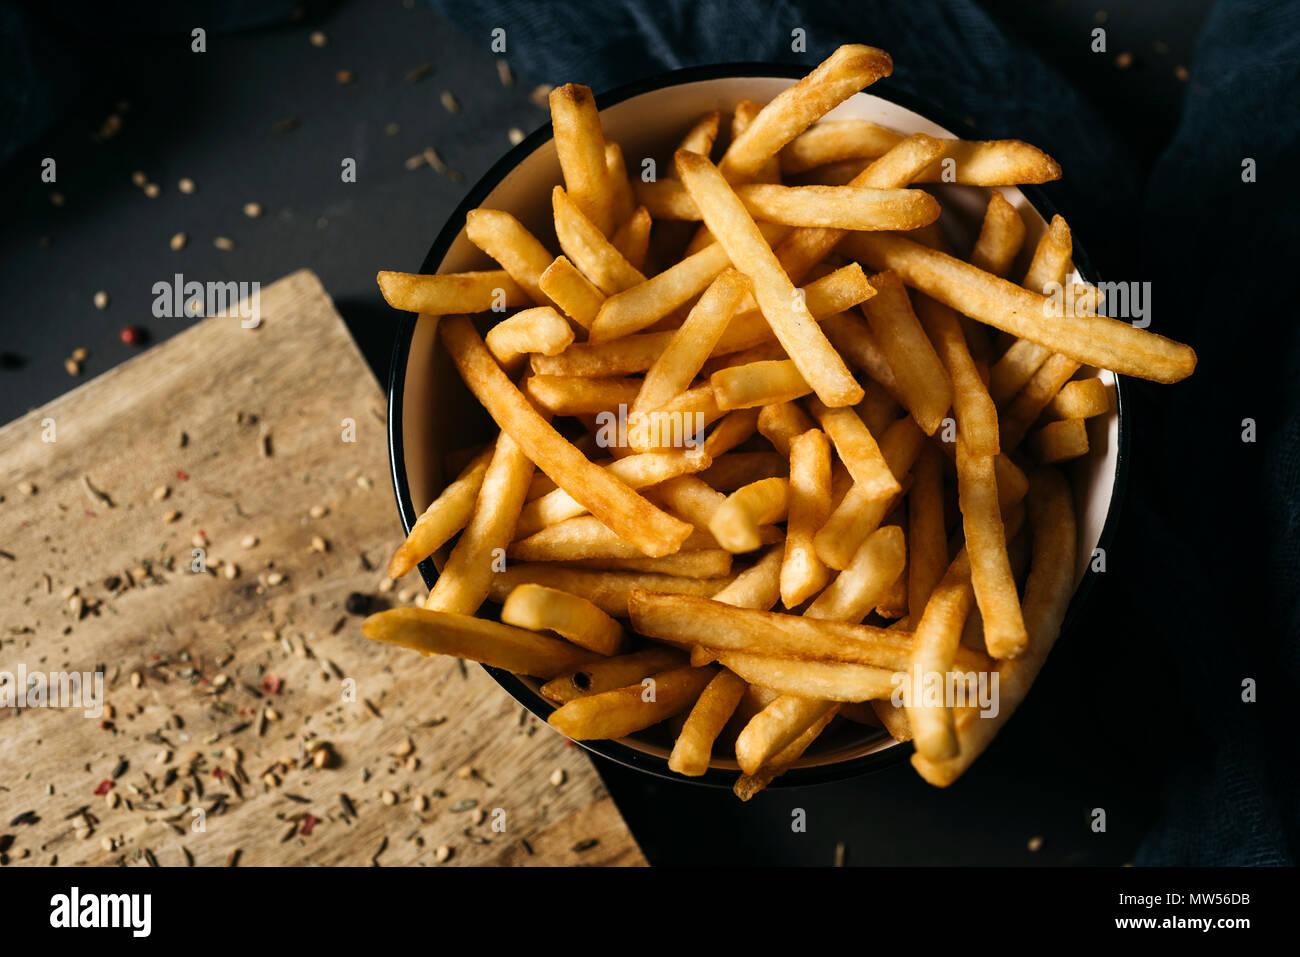 Un alto ángulo de disparo de algunas apetitosas papas fritas servidas en un cuenco de cerámica blanca, colocados sobre una mesa de madera rústica gris oscuro Foto de stock